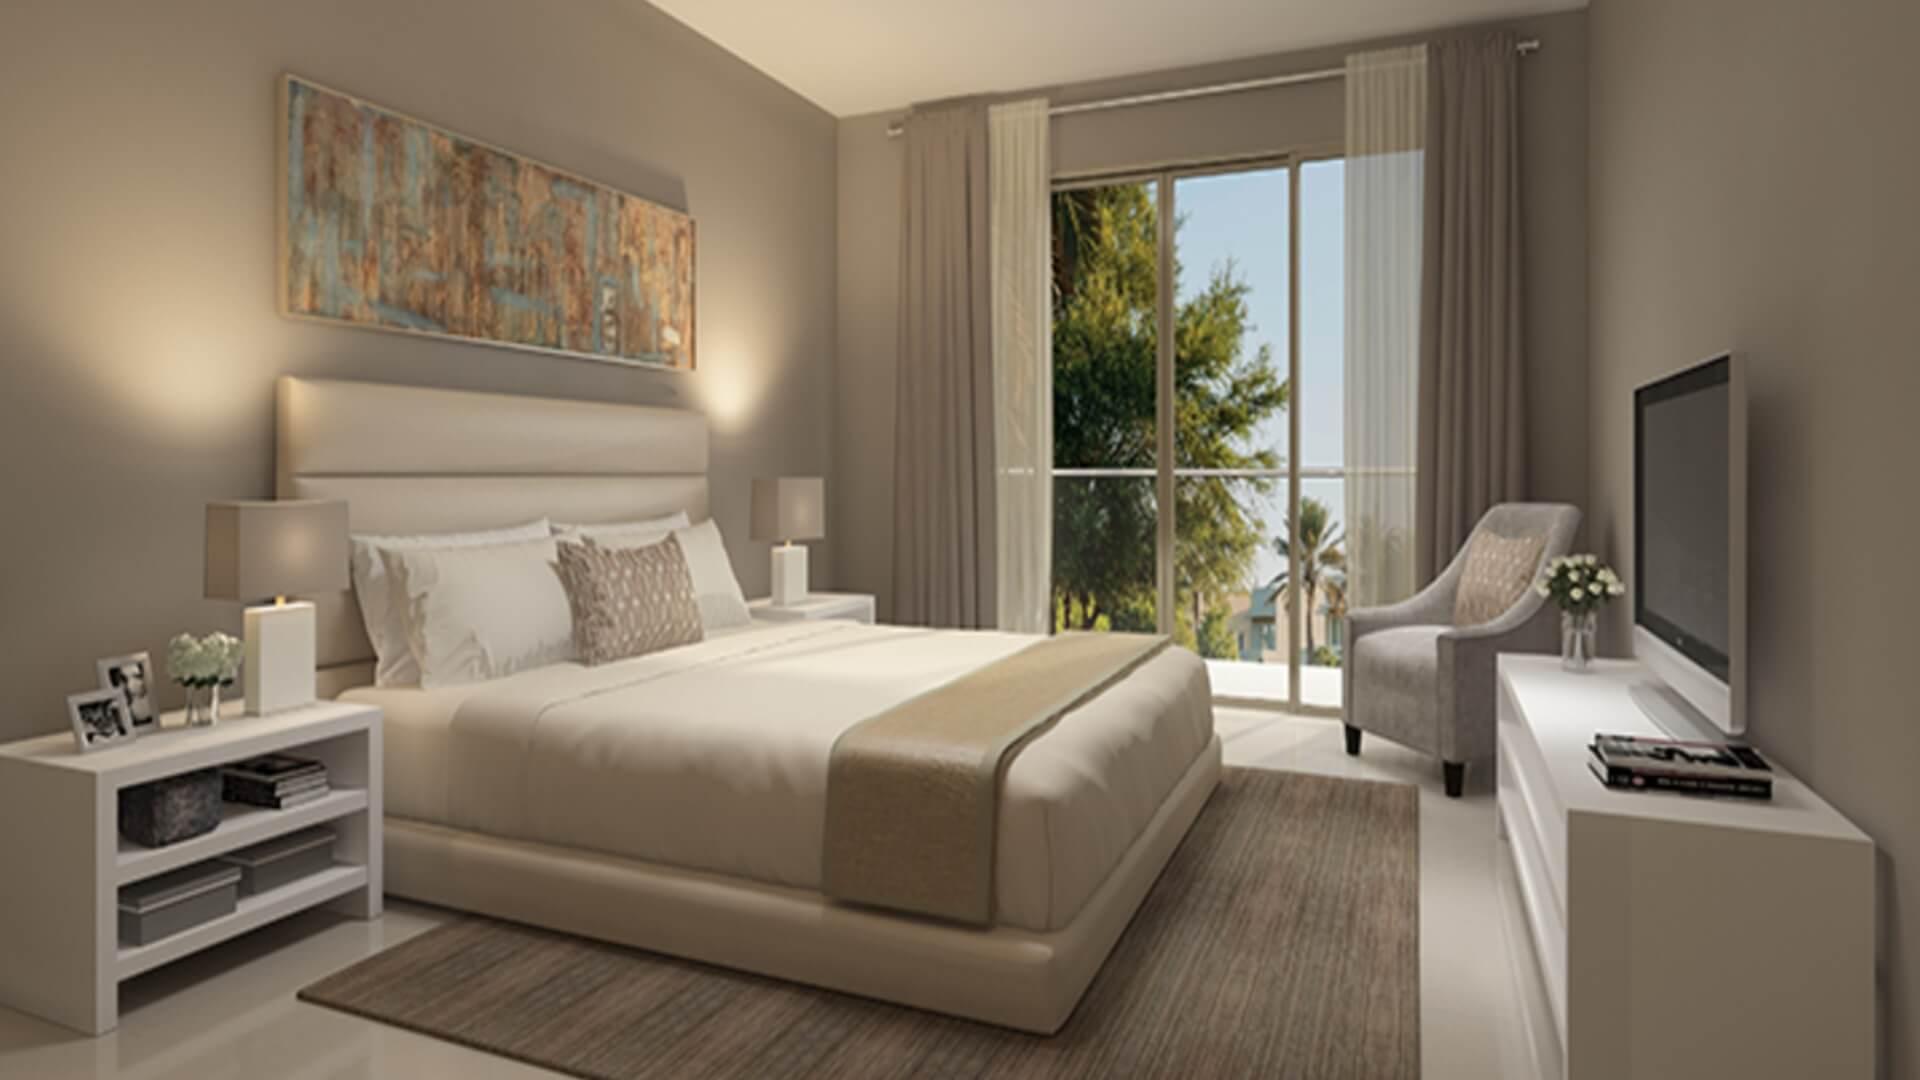 Adosado en venta en Dubai, EAU, 3 dormitorios, 211 m2, № 24137 – foto 4